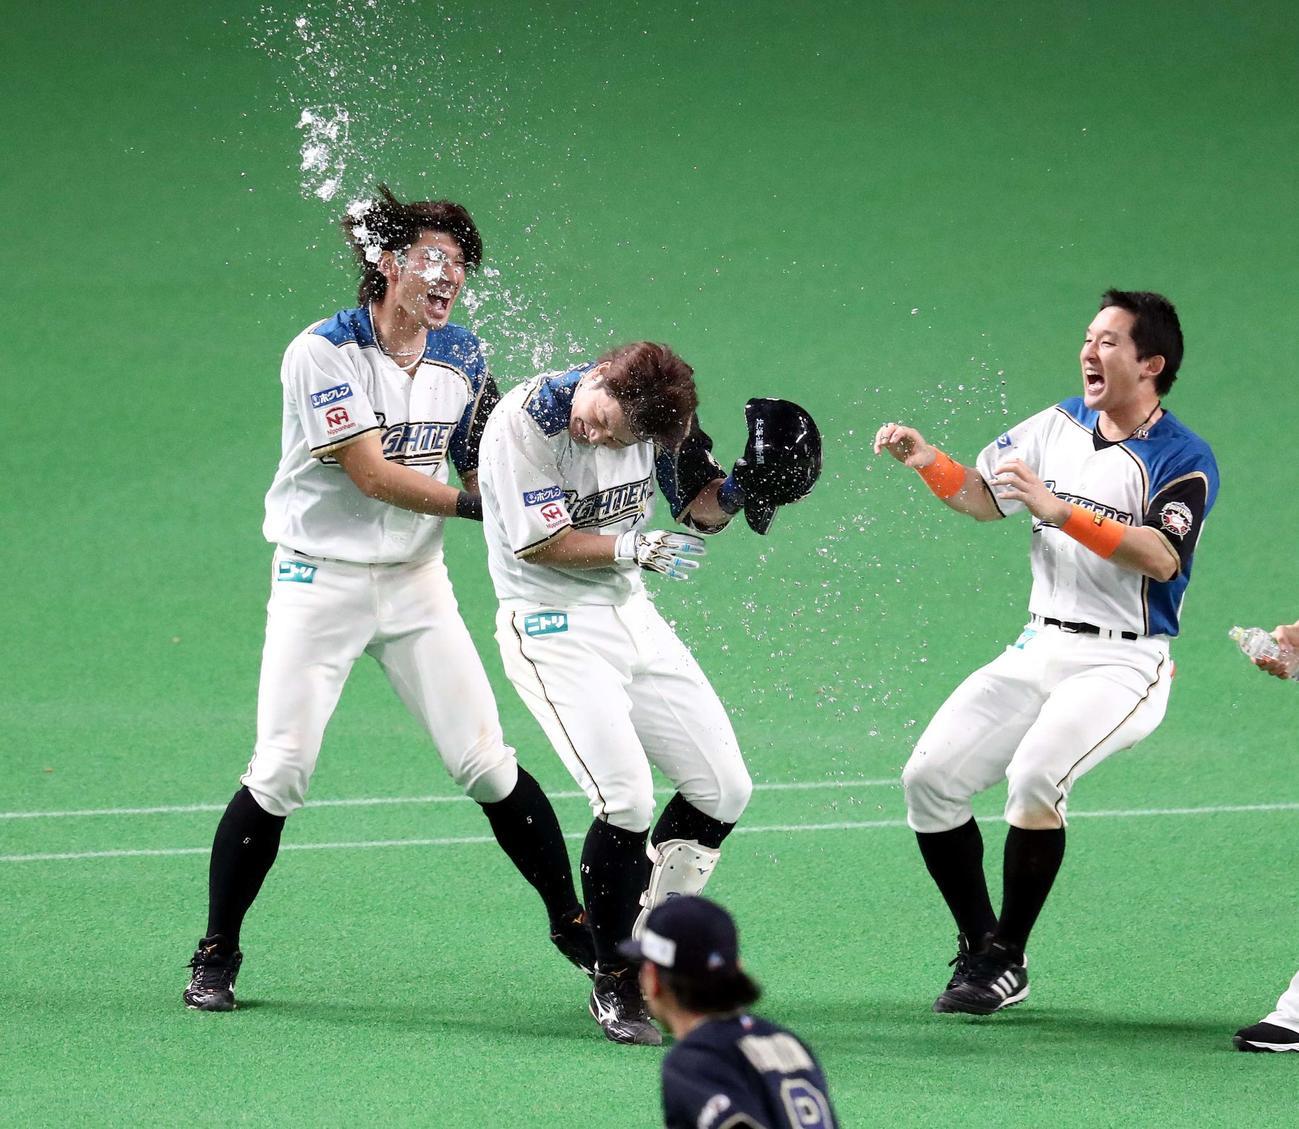 日本ハム対オリックス 10回裏、サヨナラ右犠飛を放った渡辺は大田らに水をかけられる(撮影・黒川智章)